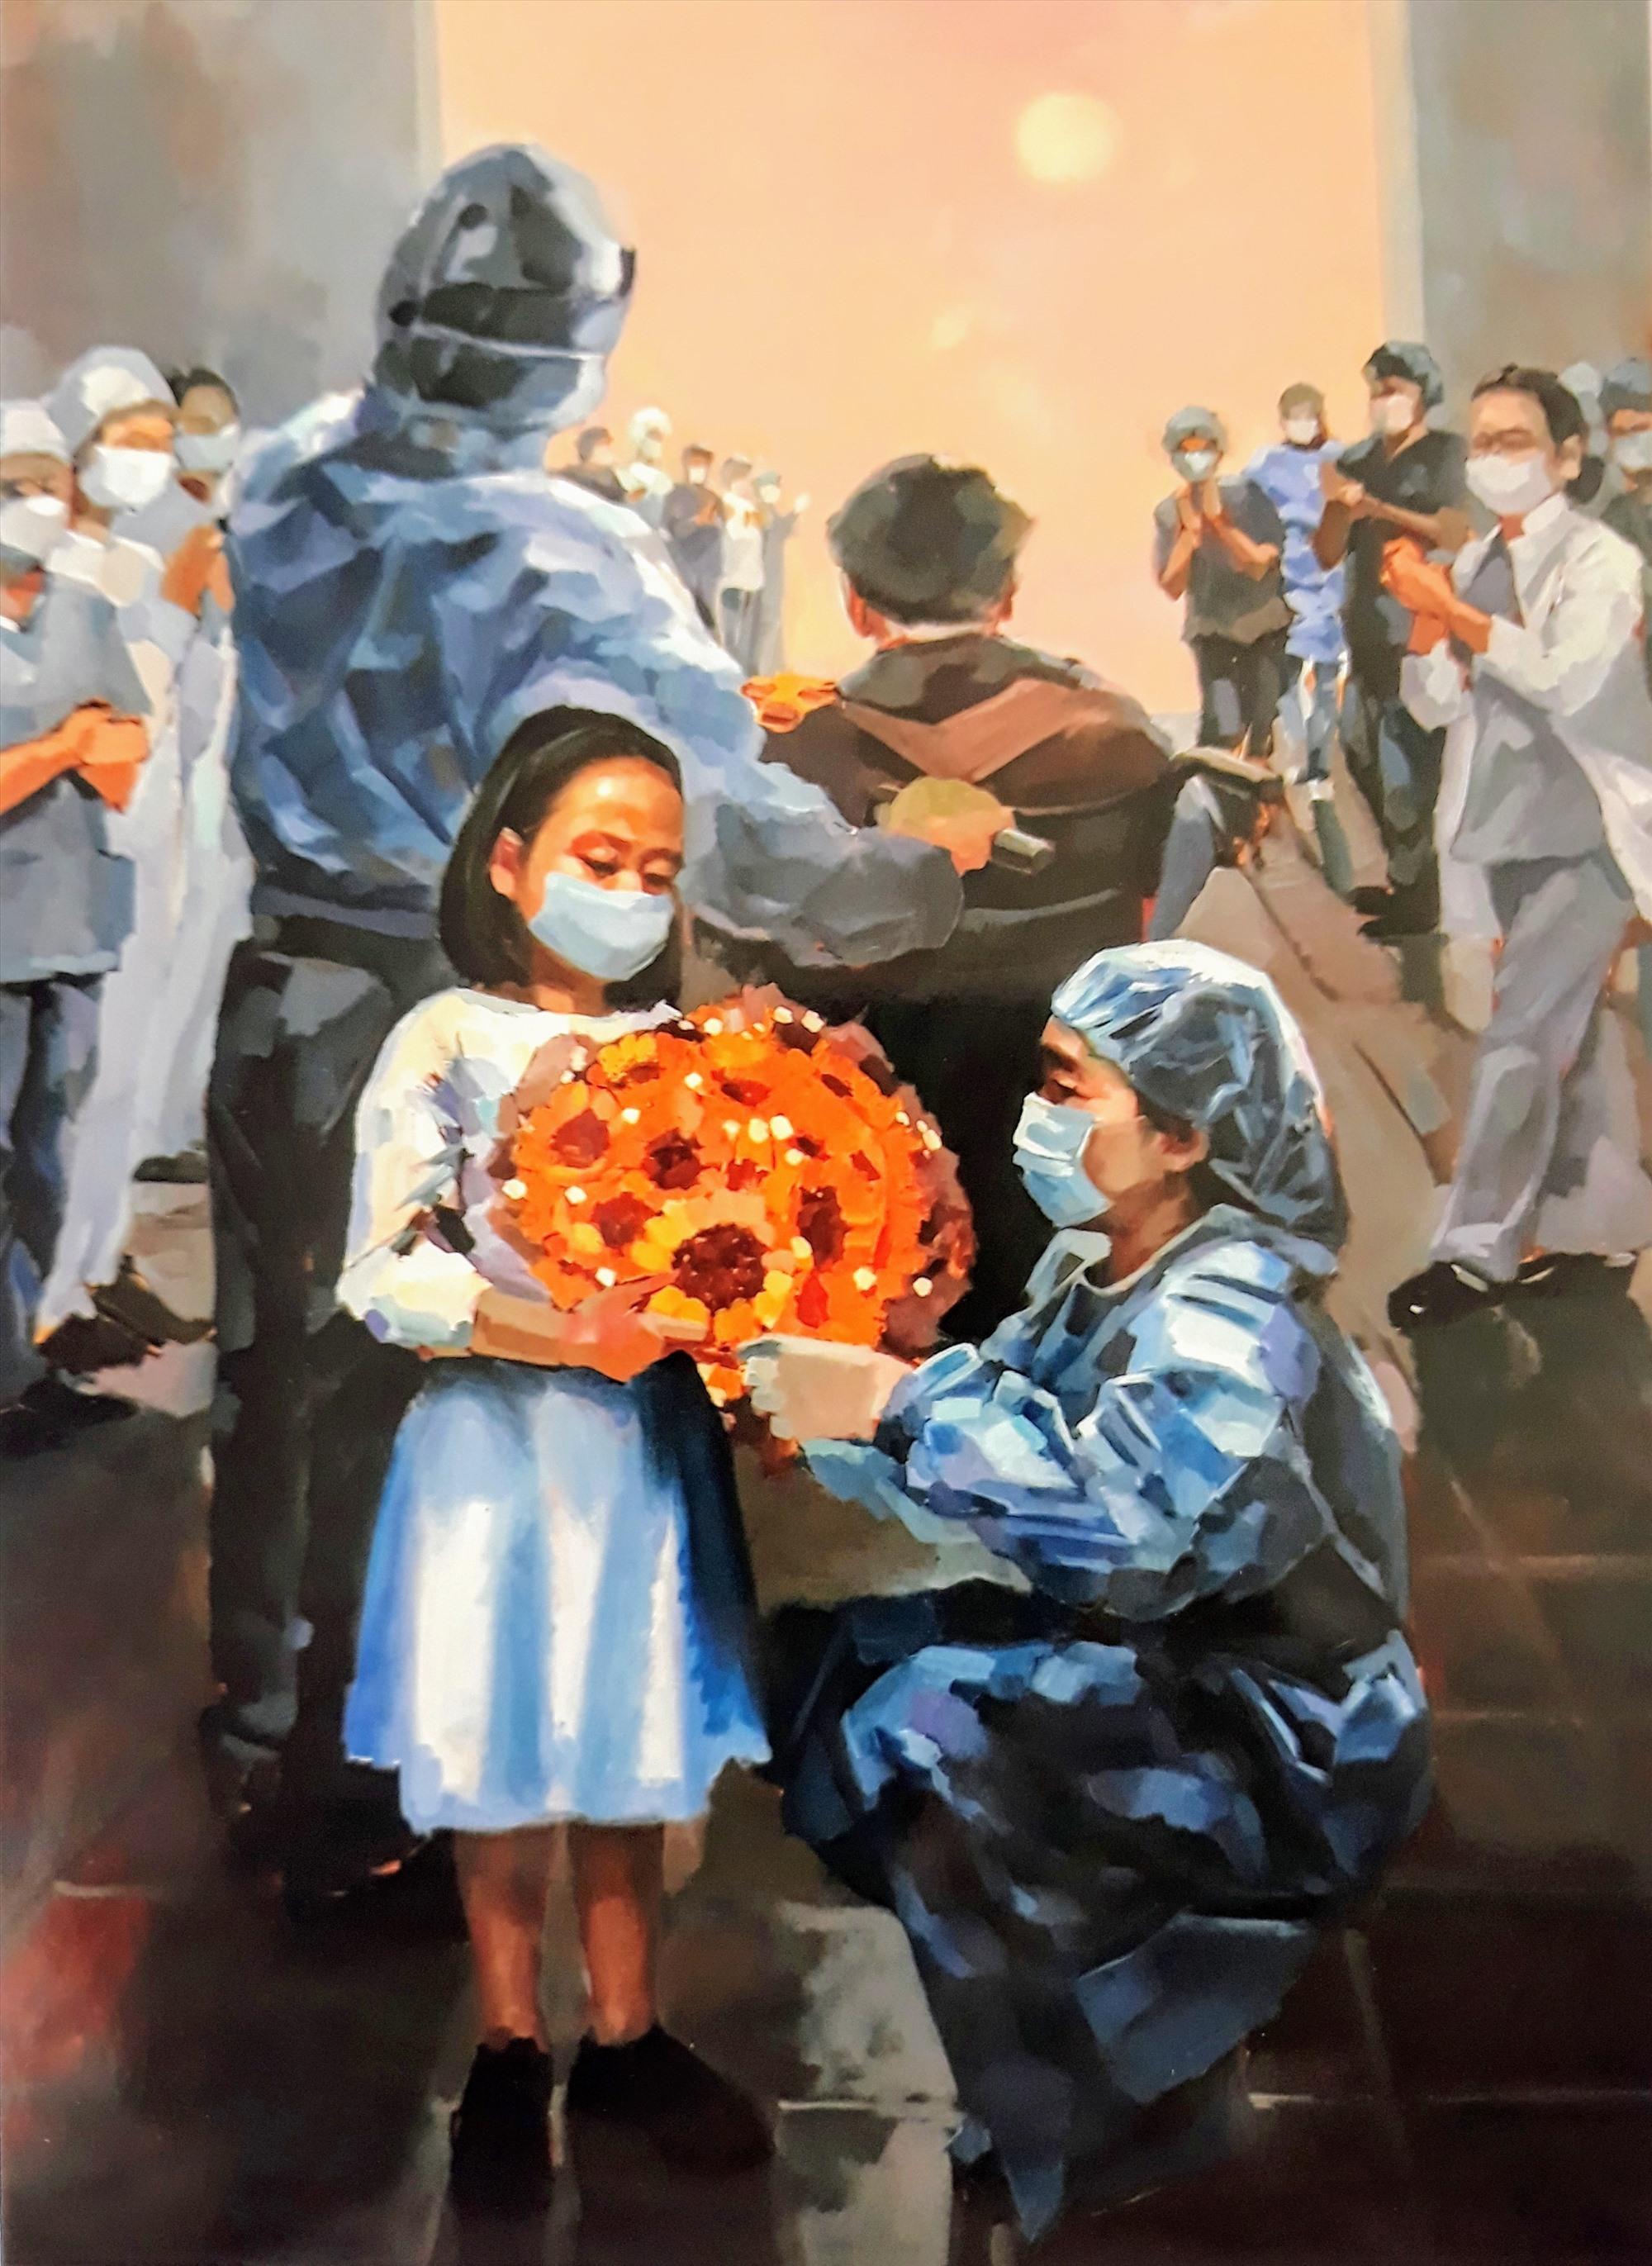 """""""Những đóa hướng dương"""", tranh sơn dầu của Hà Châu, sáng tác trong đợt dịch Covid-19 hồi đầu năm, được chọn trưng bày tại Triển lãm Mỹ thuật Nam miền Trung-Tây Nguyên 2020. Ảnh: T.G"""